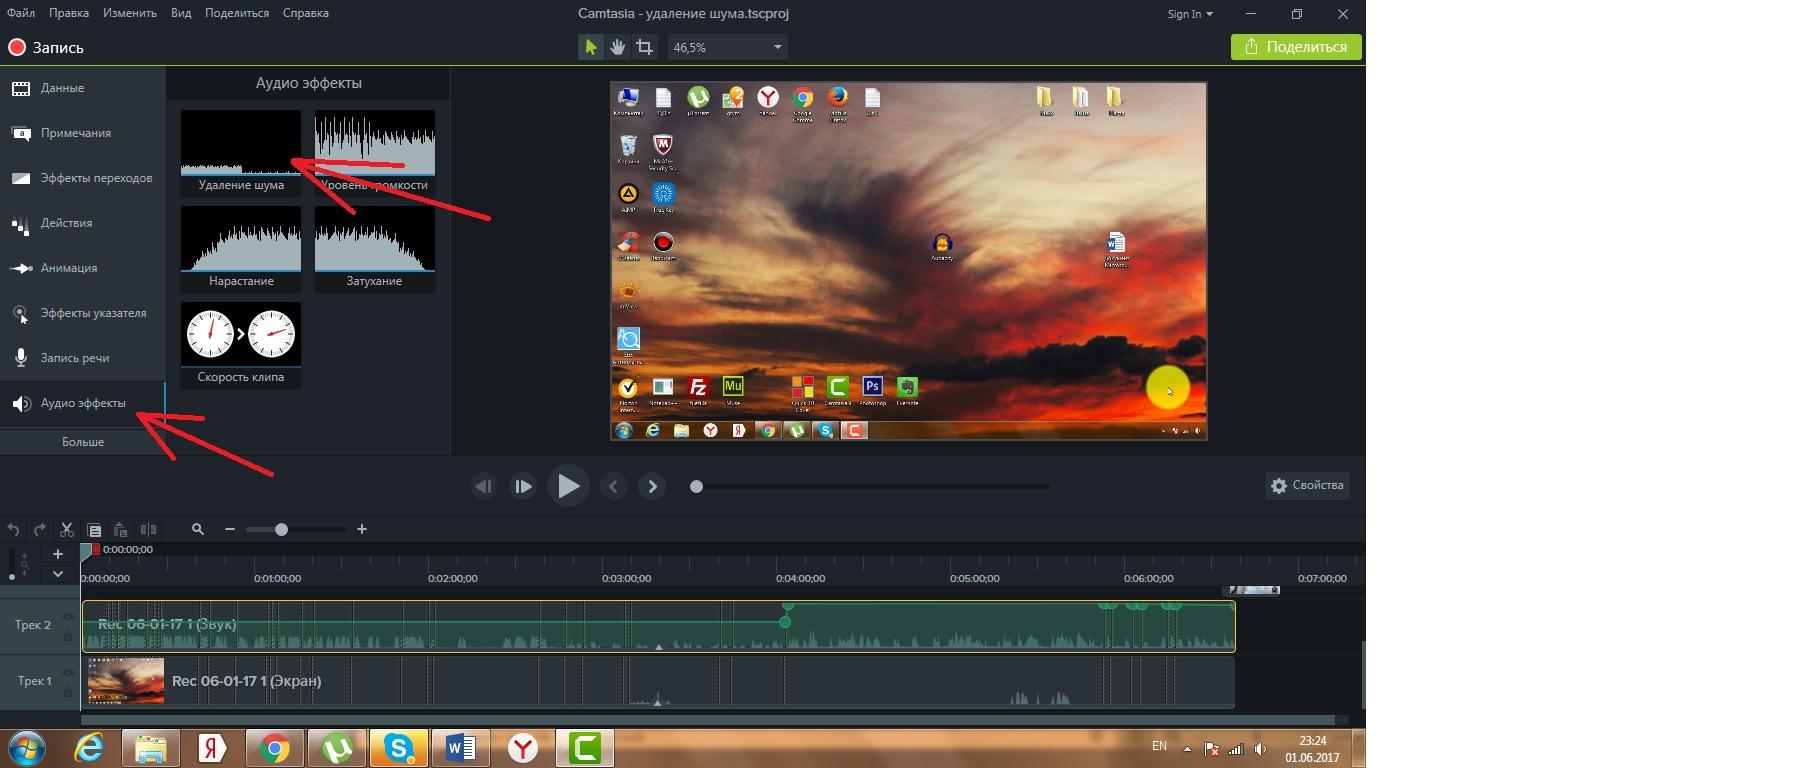 Как сделать звук на windows 7 на ноутбуке